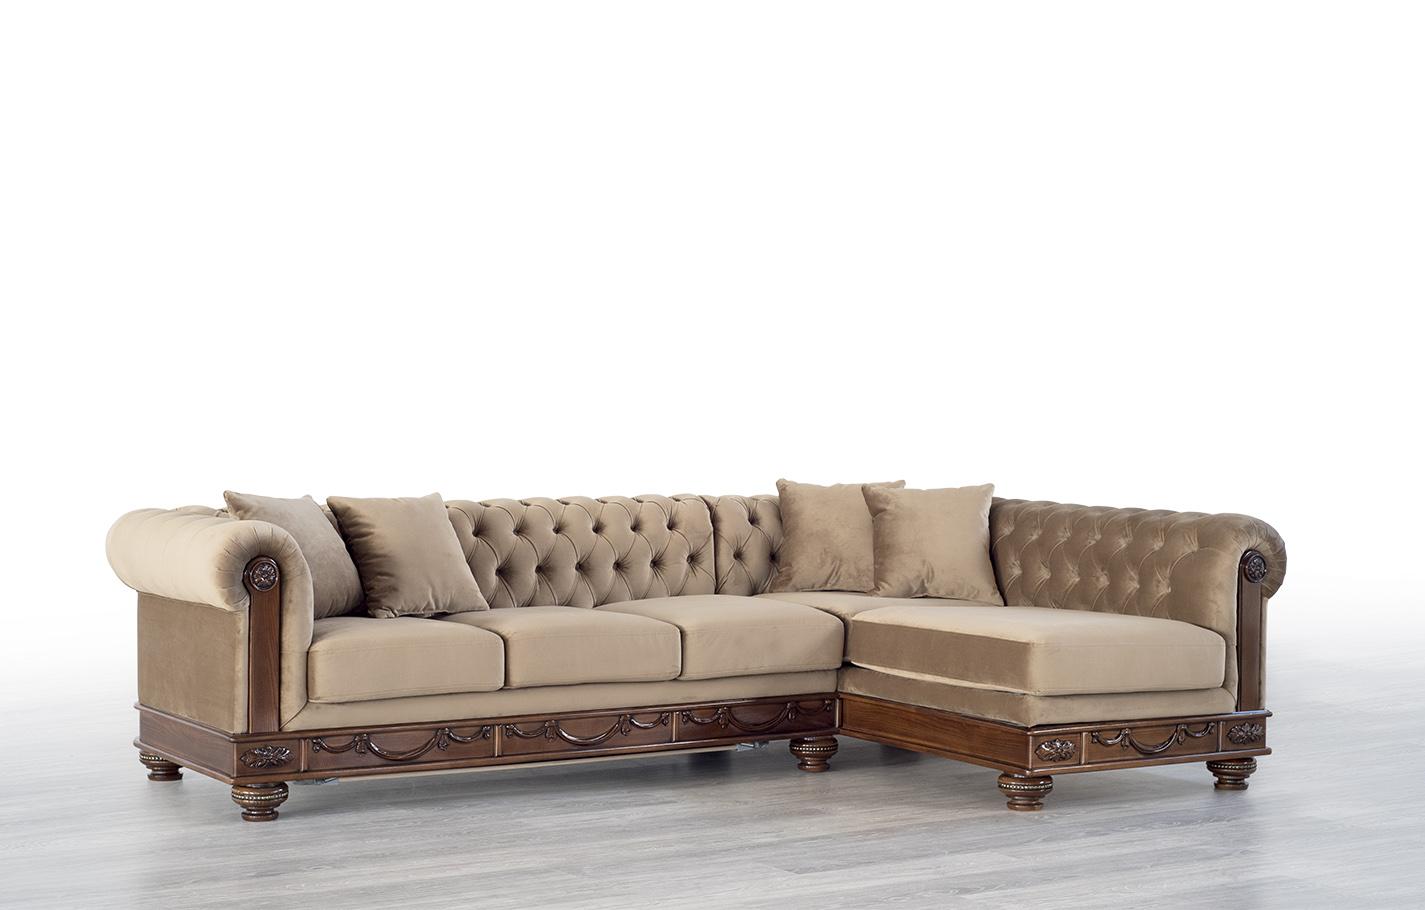 Mebus Манчестер диван (угол) 190х140